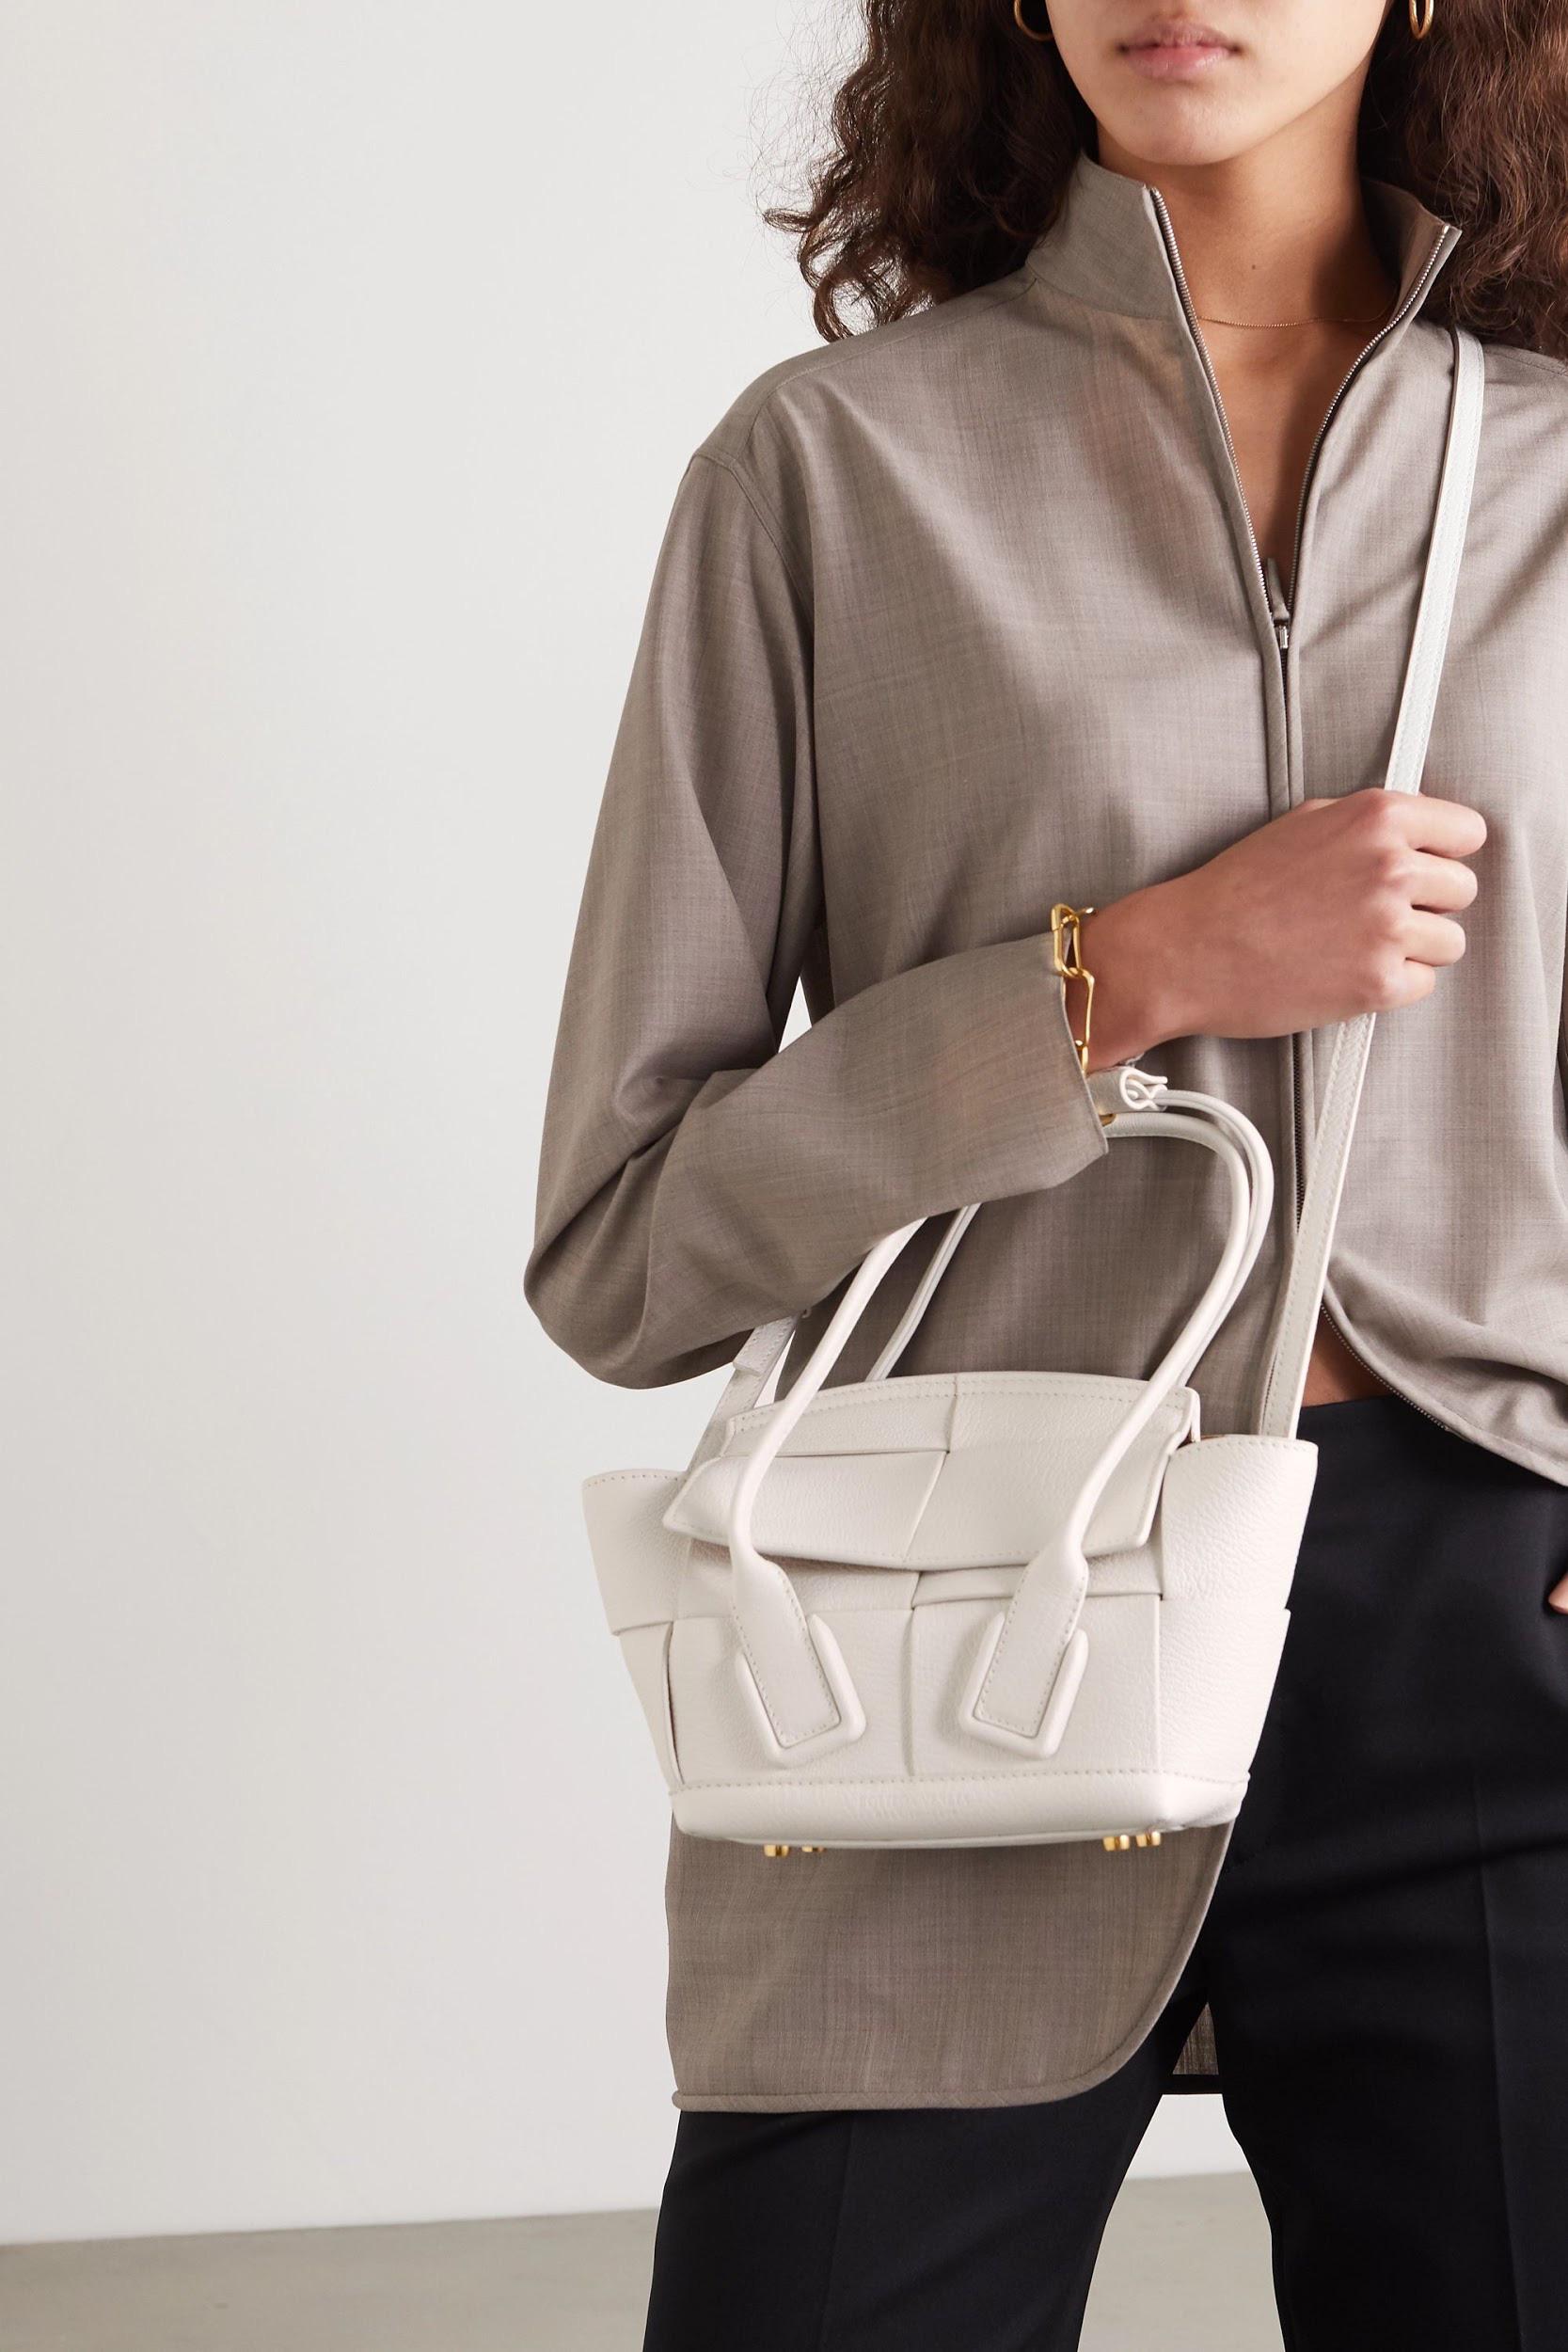 Không khóa đóng, không logo nổi bật, chiếc túi này có gì hot mà khiến loạt fashionista thế giới phải điên đảo? - Ảnh 1.